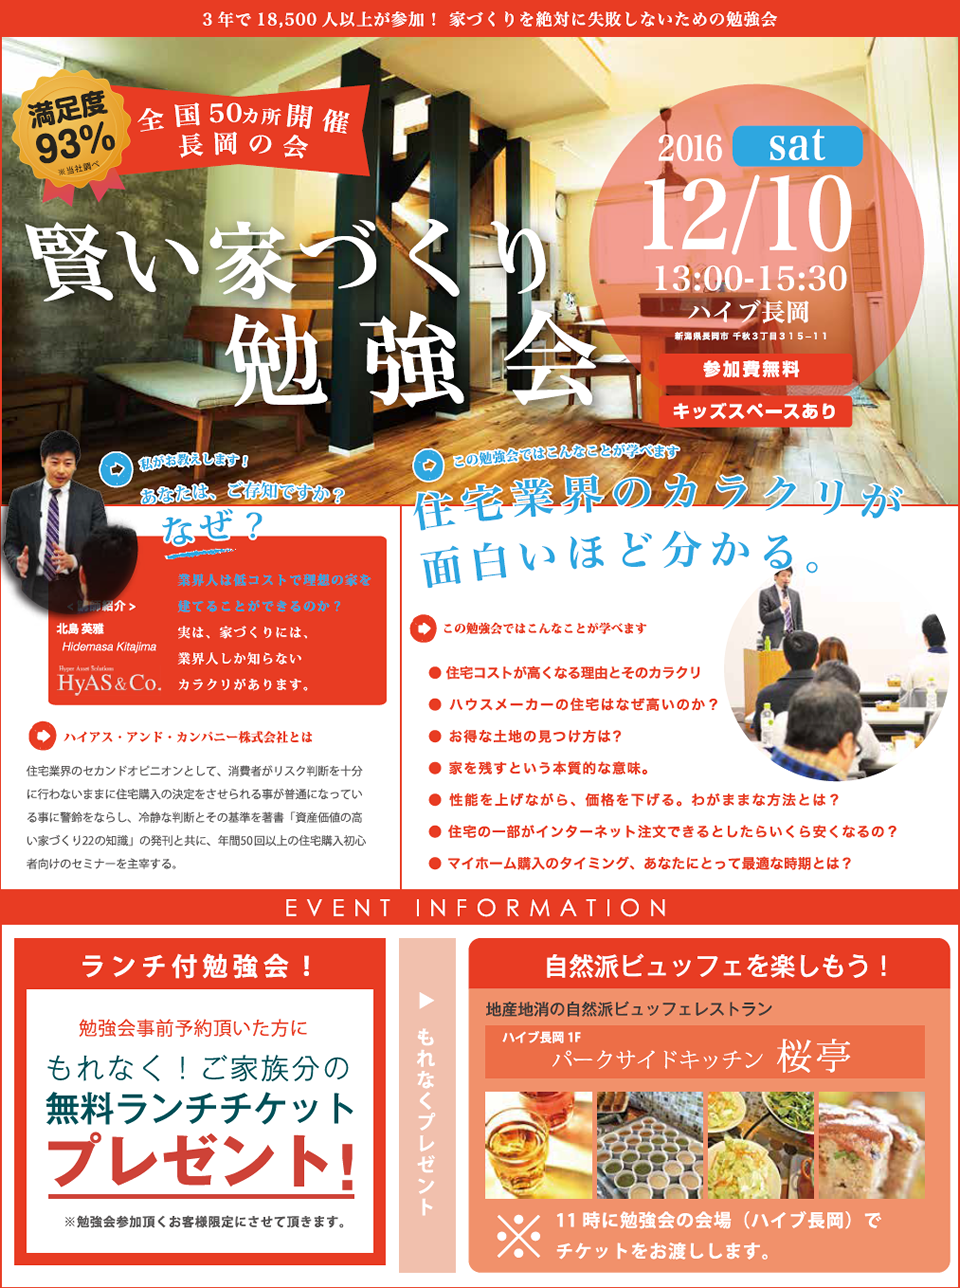 10_r_benkyoukai_r